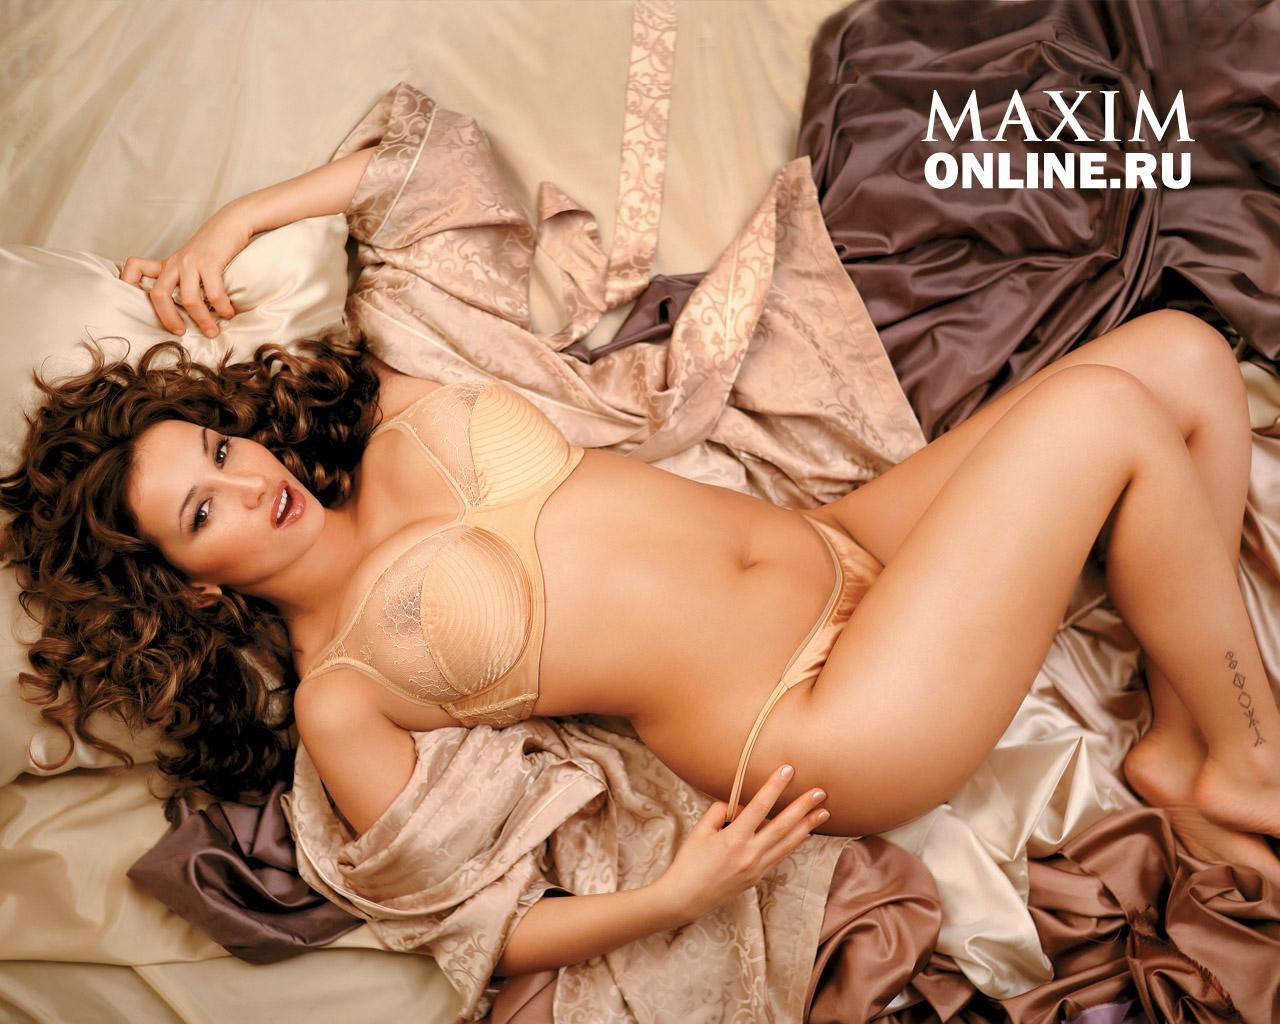 Секс порно с анфисой чеховой 19 фотография